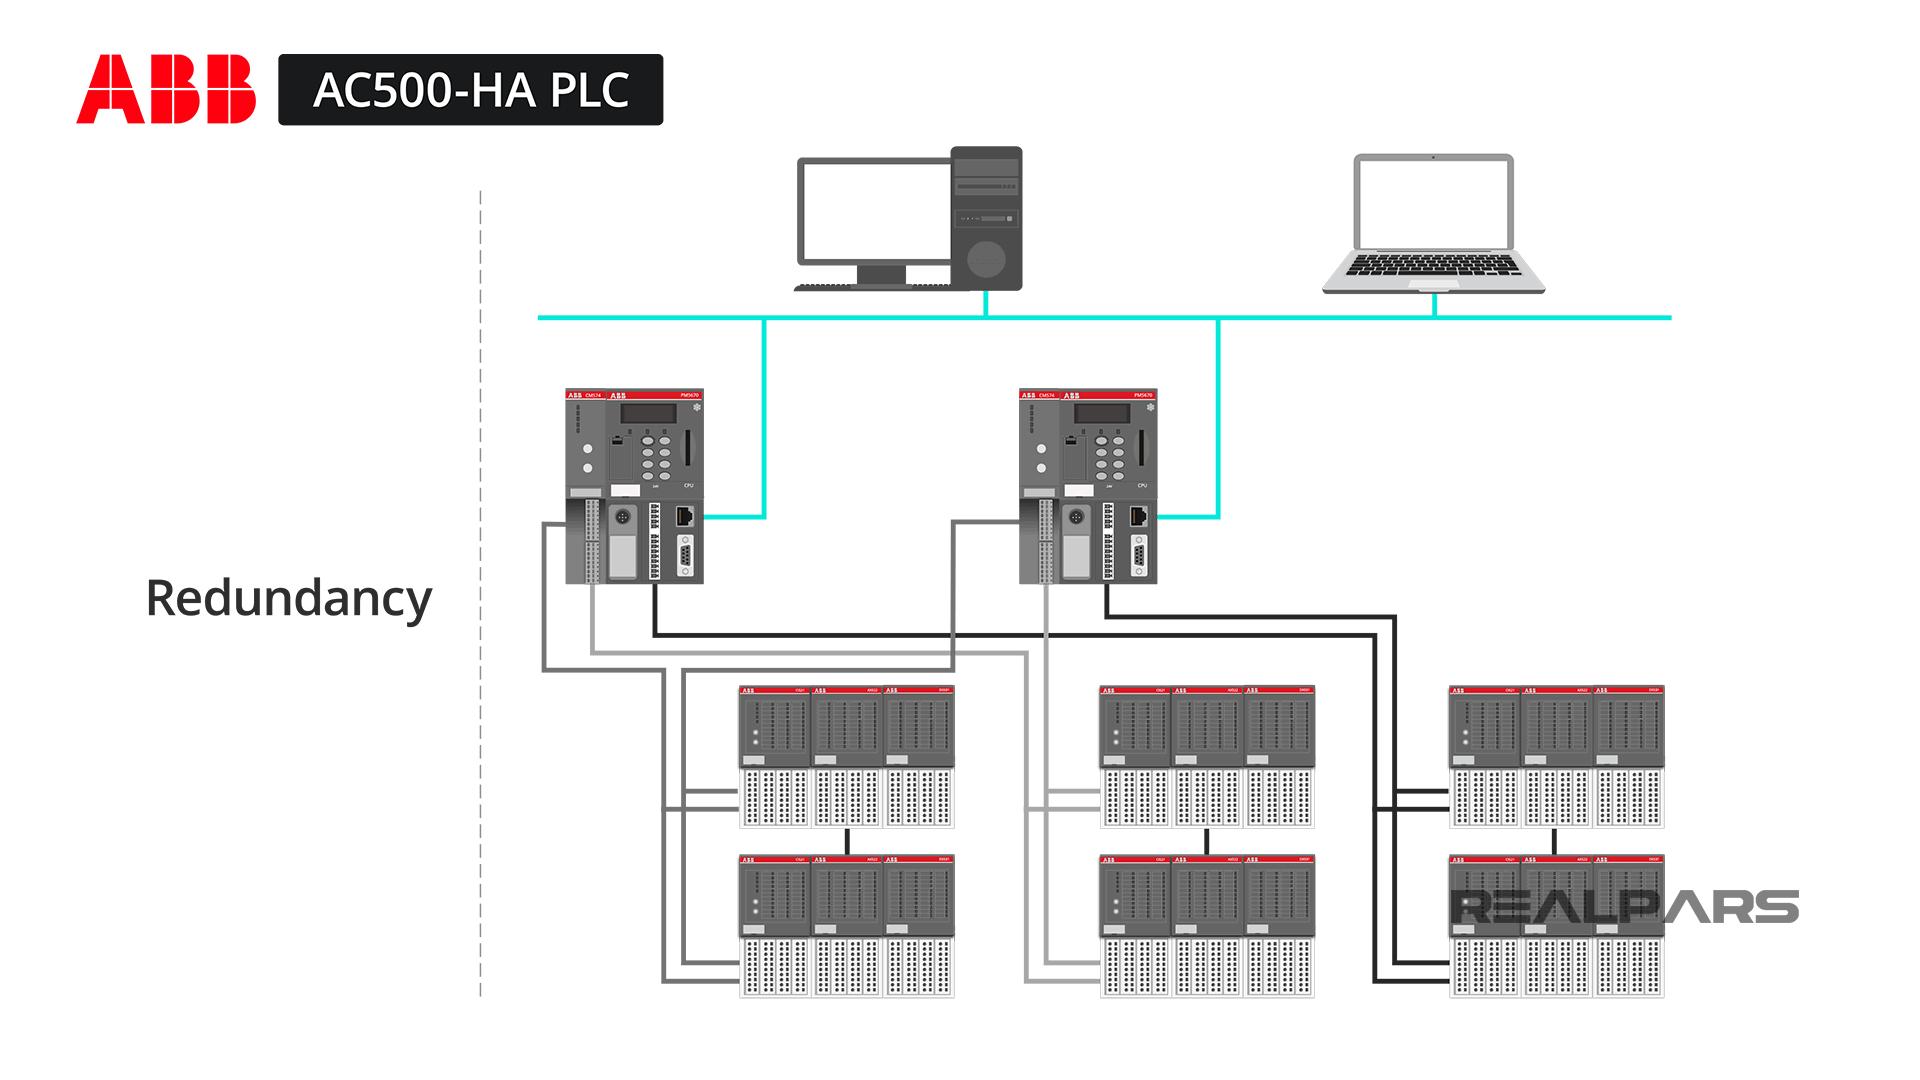 ABB PLC AC500-HA